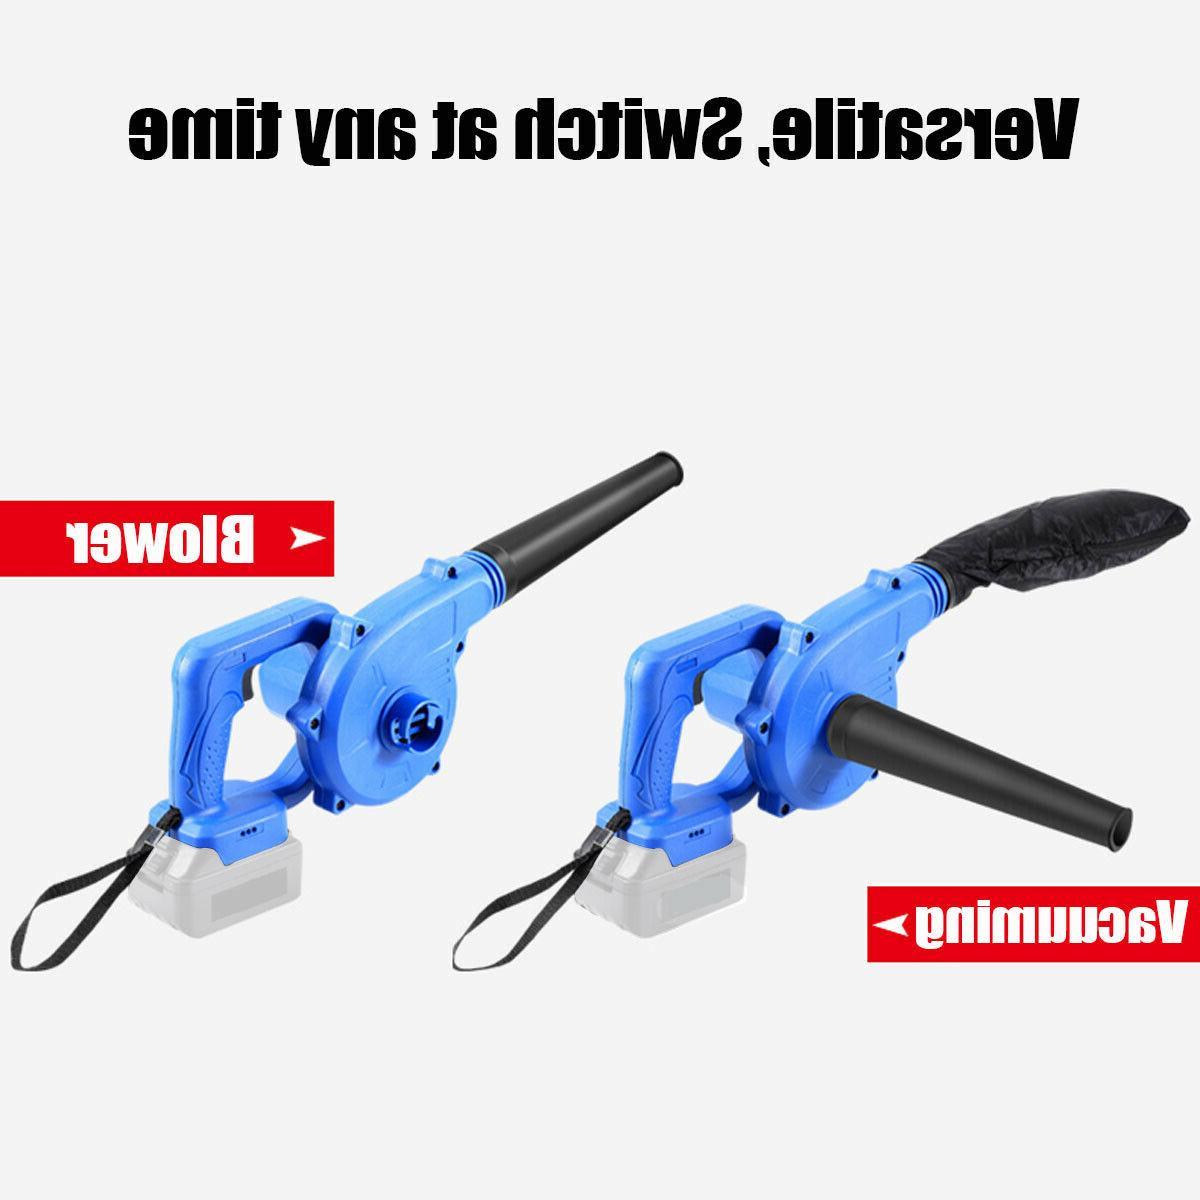 2 Tool 18V Li-ion